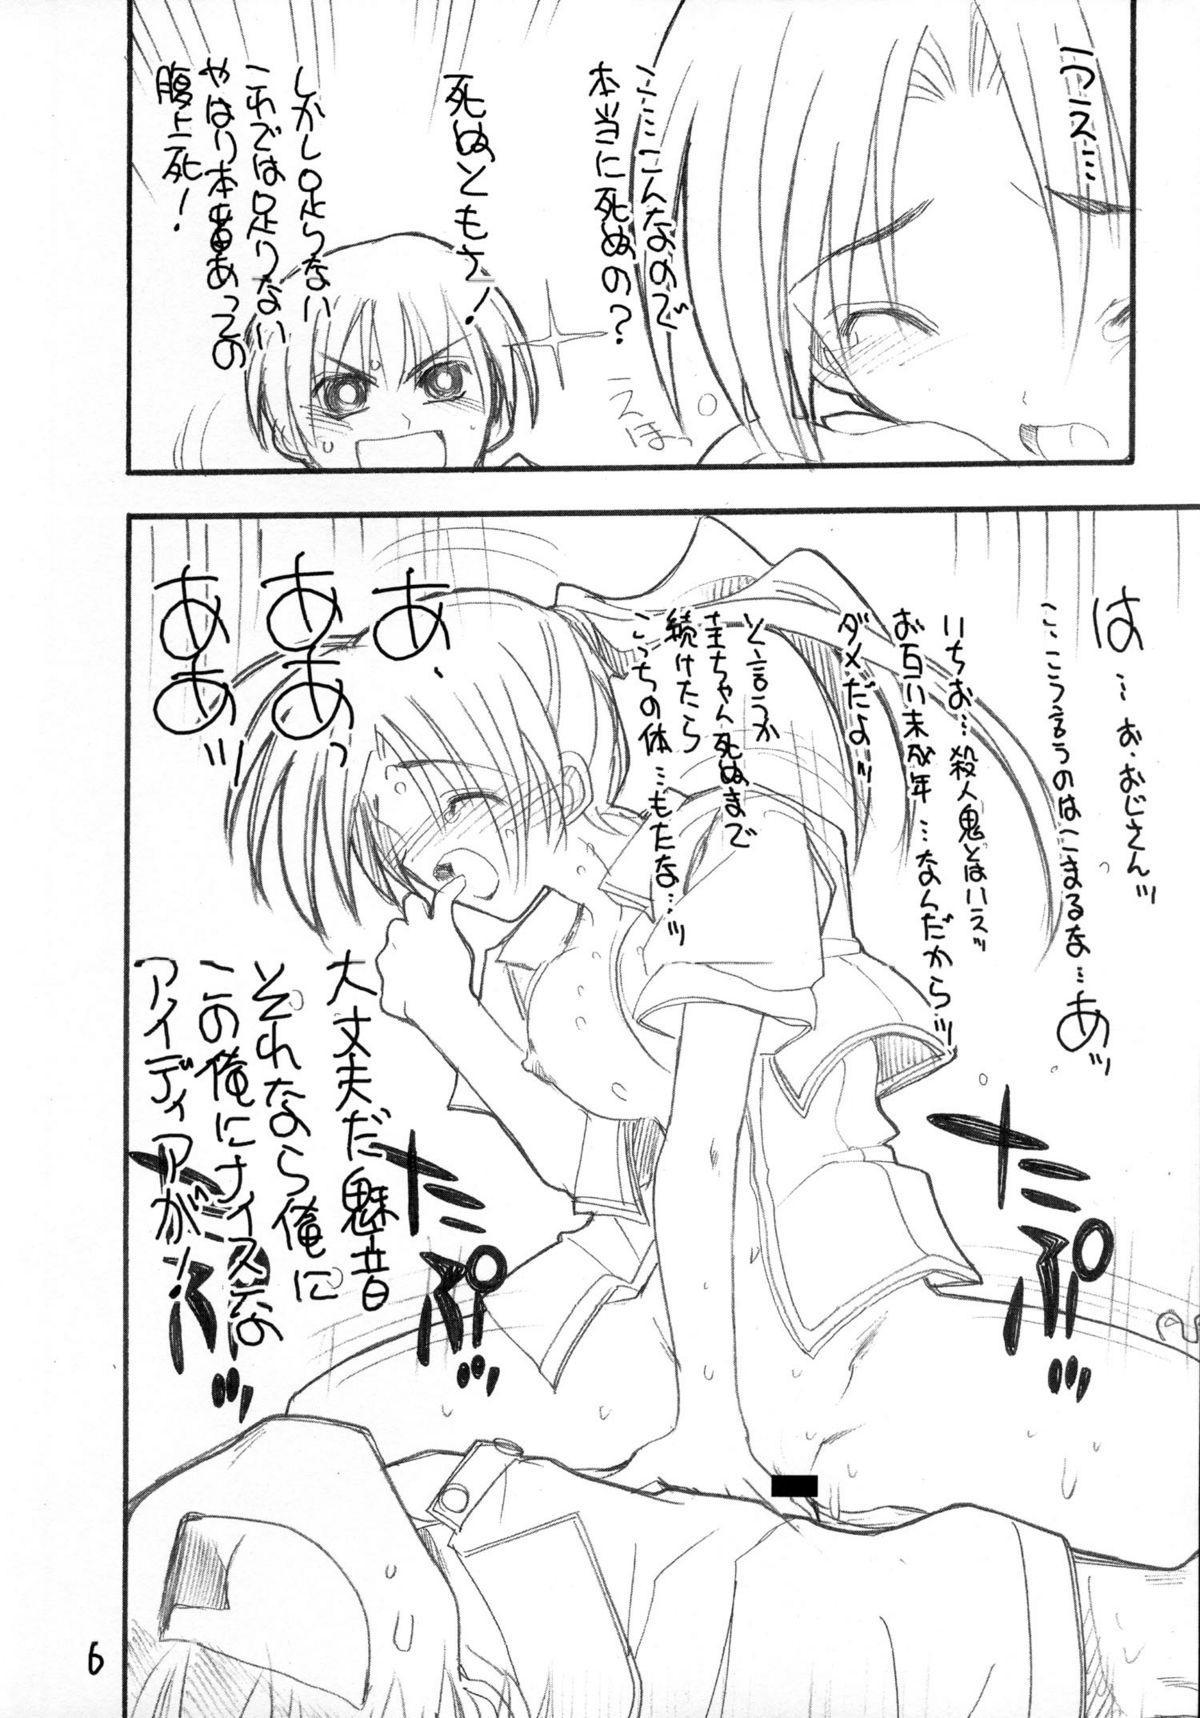 Toppatsu Tekitoukopii hon Higurashi wa ta Nagashi Happy End e no Kousatsu 5